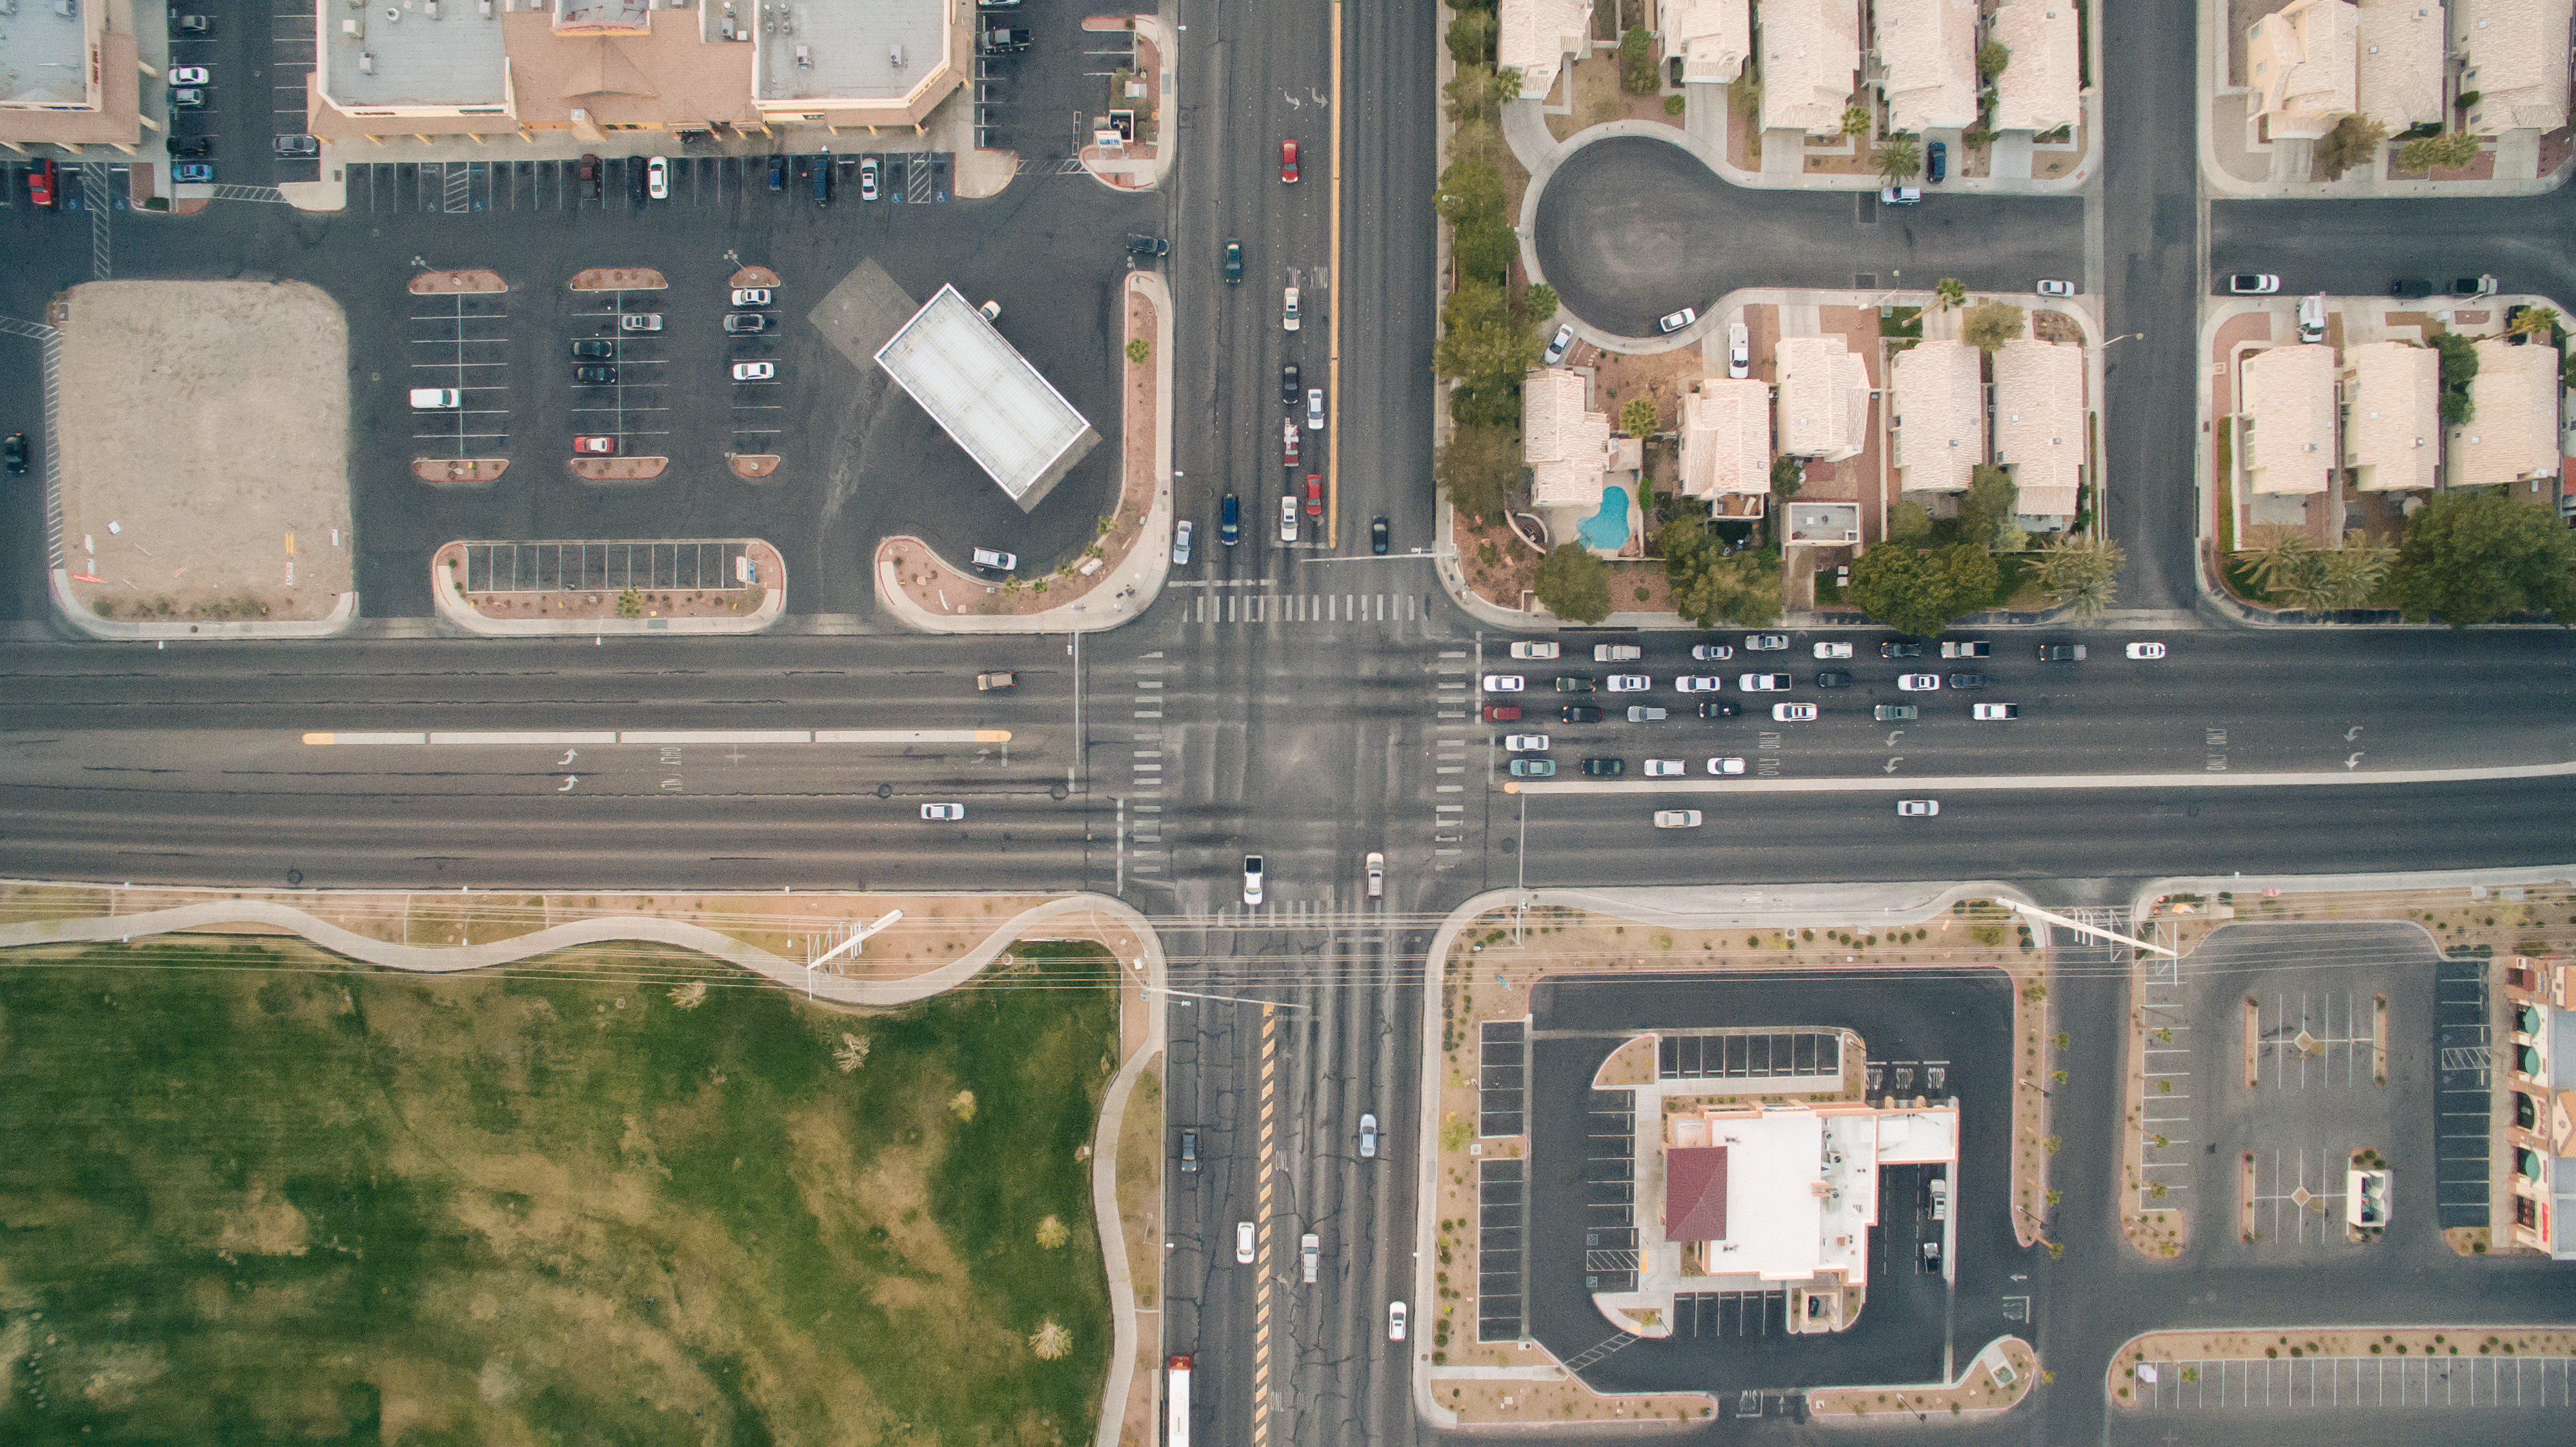 Autos an einer Kreuzung, die versinnbildlichen, wie unterschiedliche Kulturen anders argumentieren. Bildnachweis: Ed Gregory, Stokpic.com